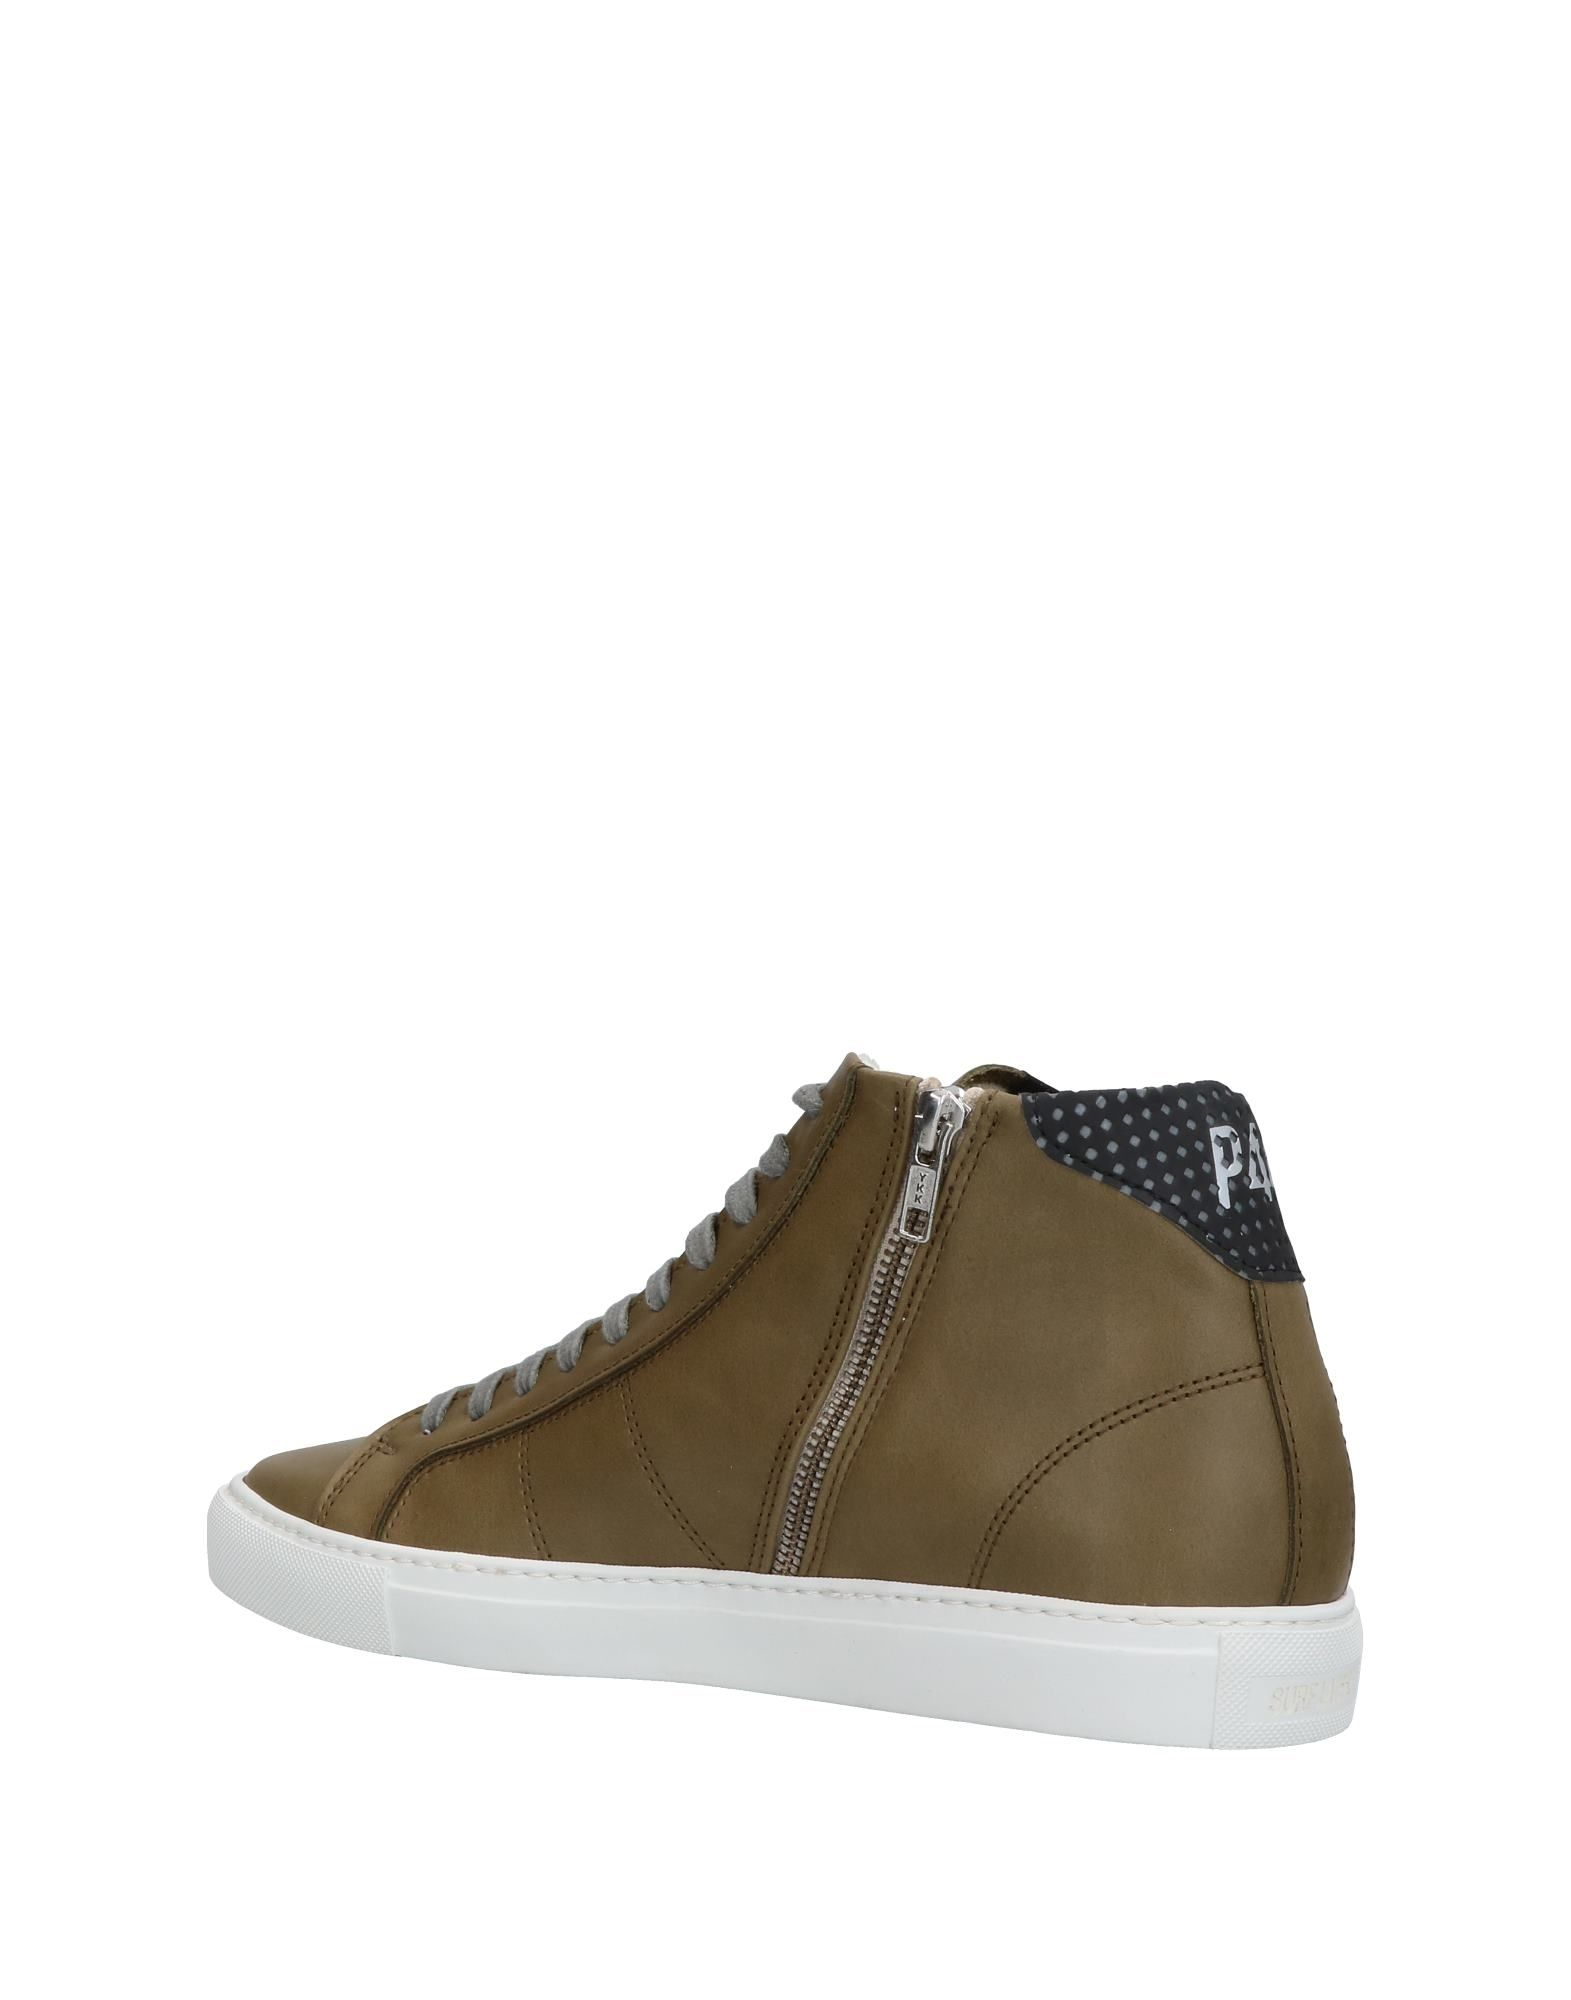 P448 Sneakers Herren   Herren 11353290KT ac6cd7